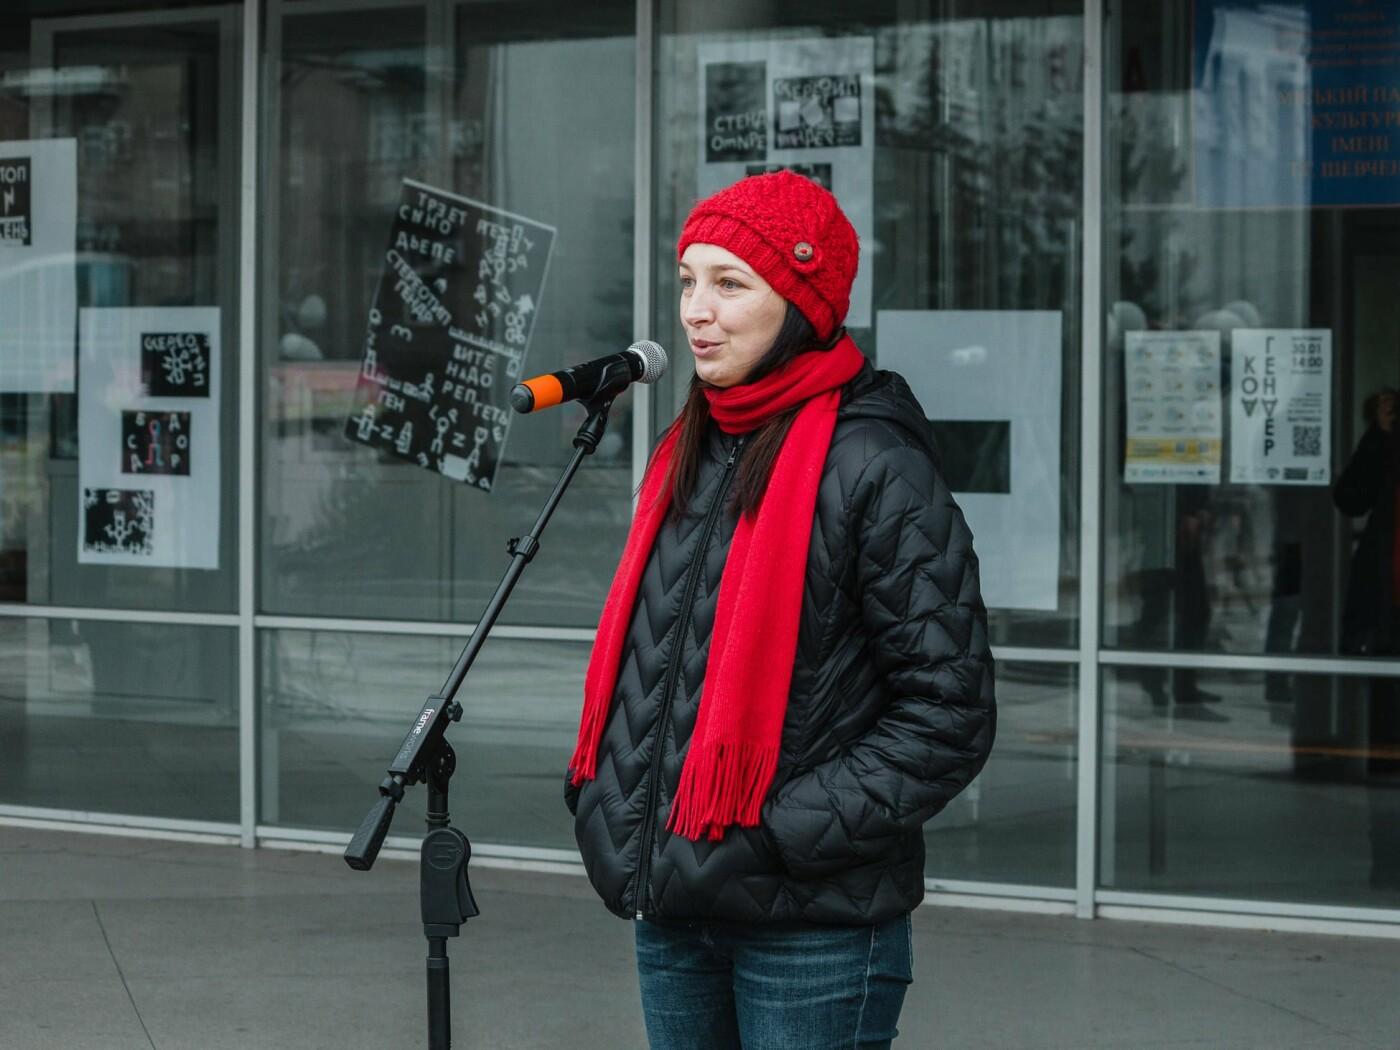 Бердянская активистка Алла Мельничук: «Всё новое и креативное стараюсь привнести  в работу антикафе», фото-4